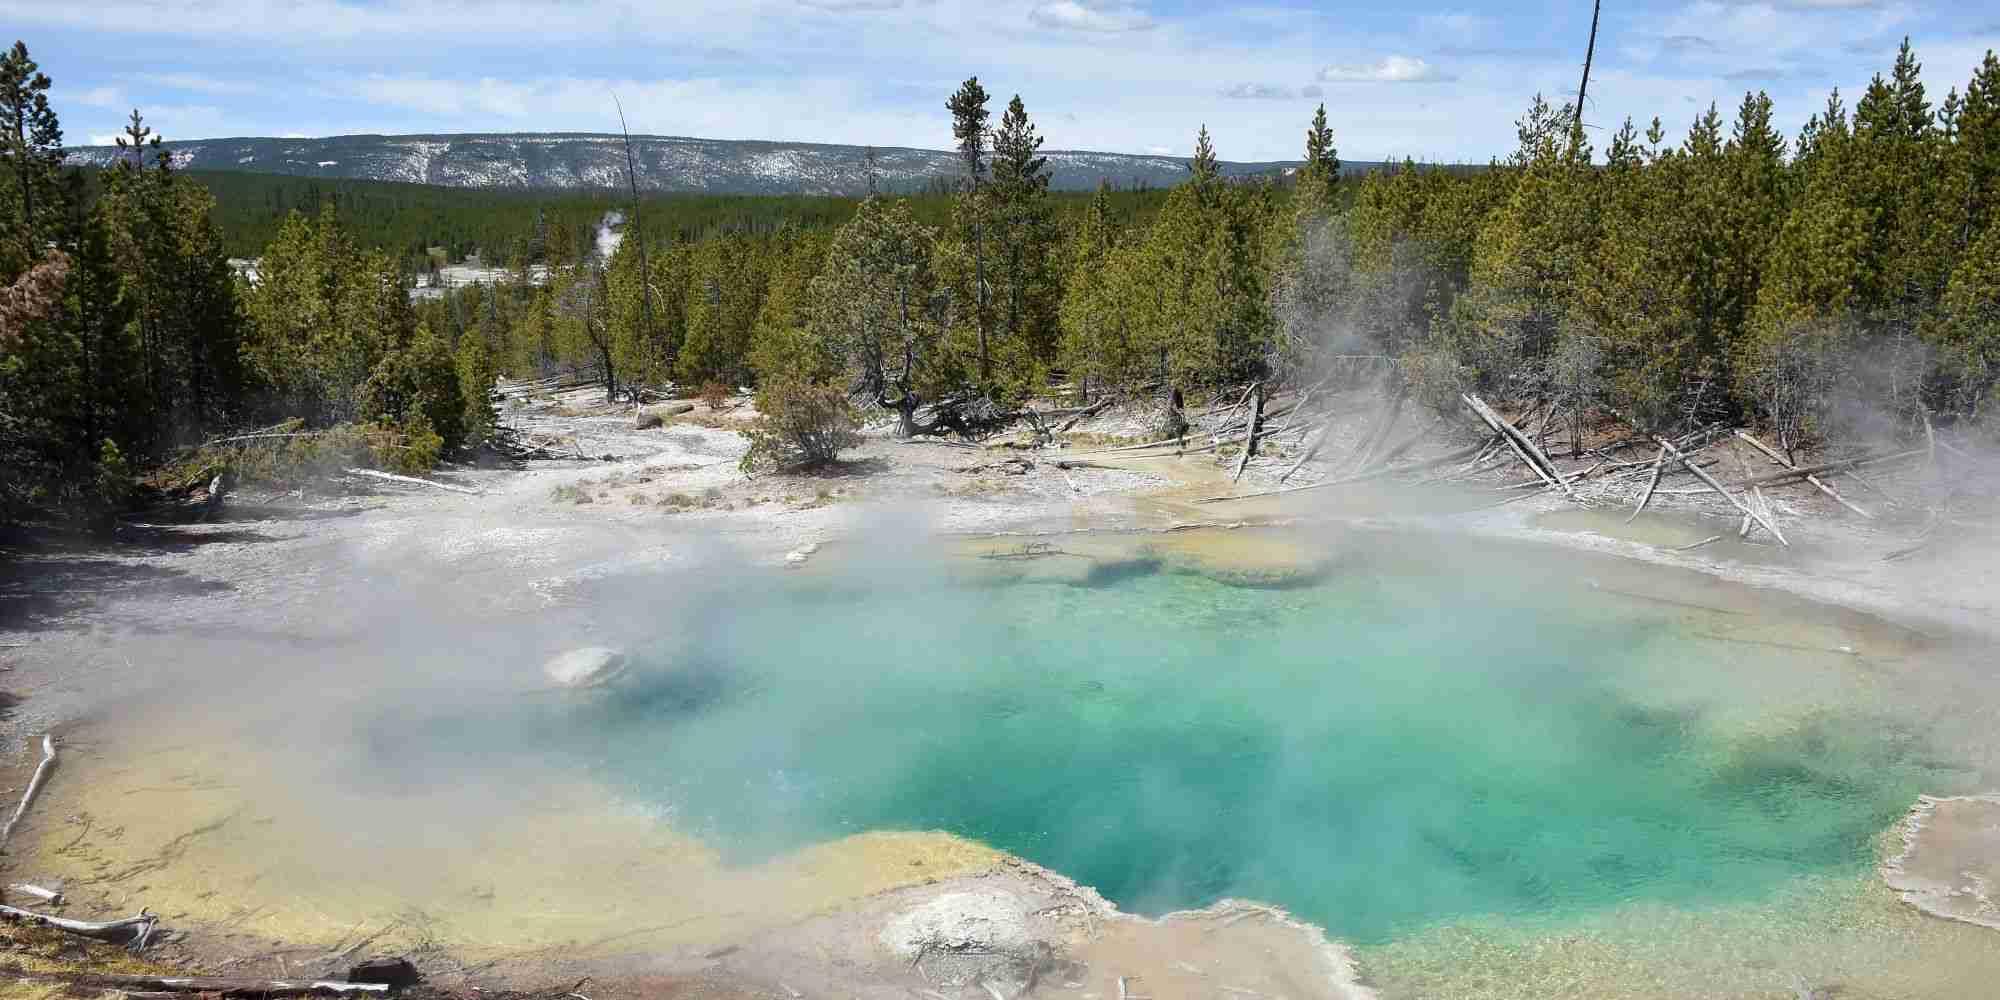 酸性の熱水泉に転落し男性死亡、遺体溶けてなくなる アメリカ国立公園